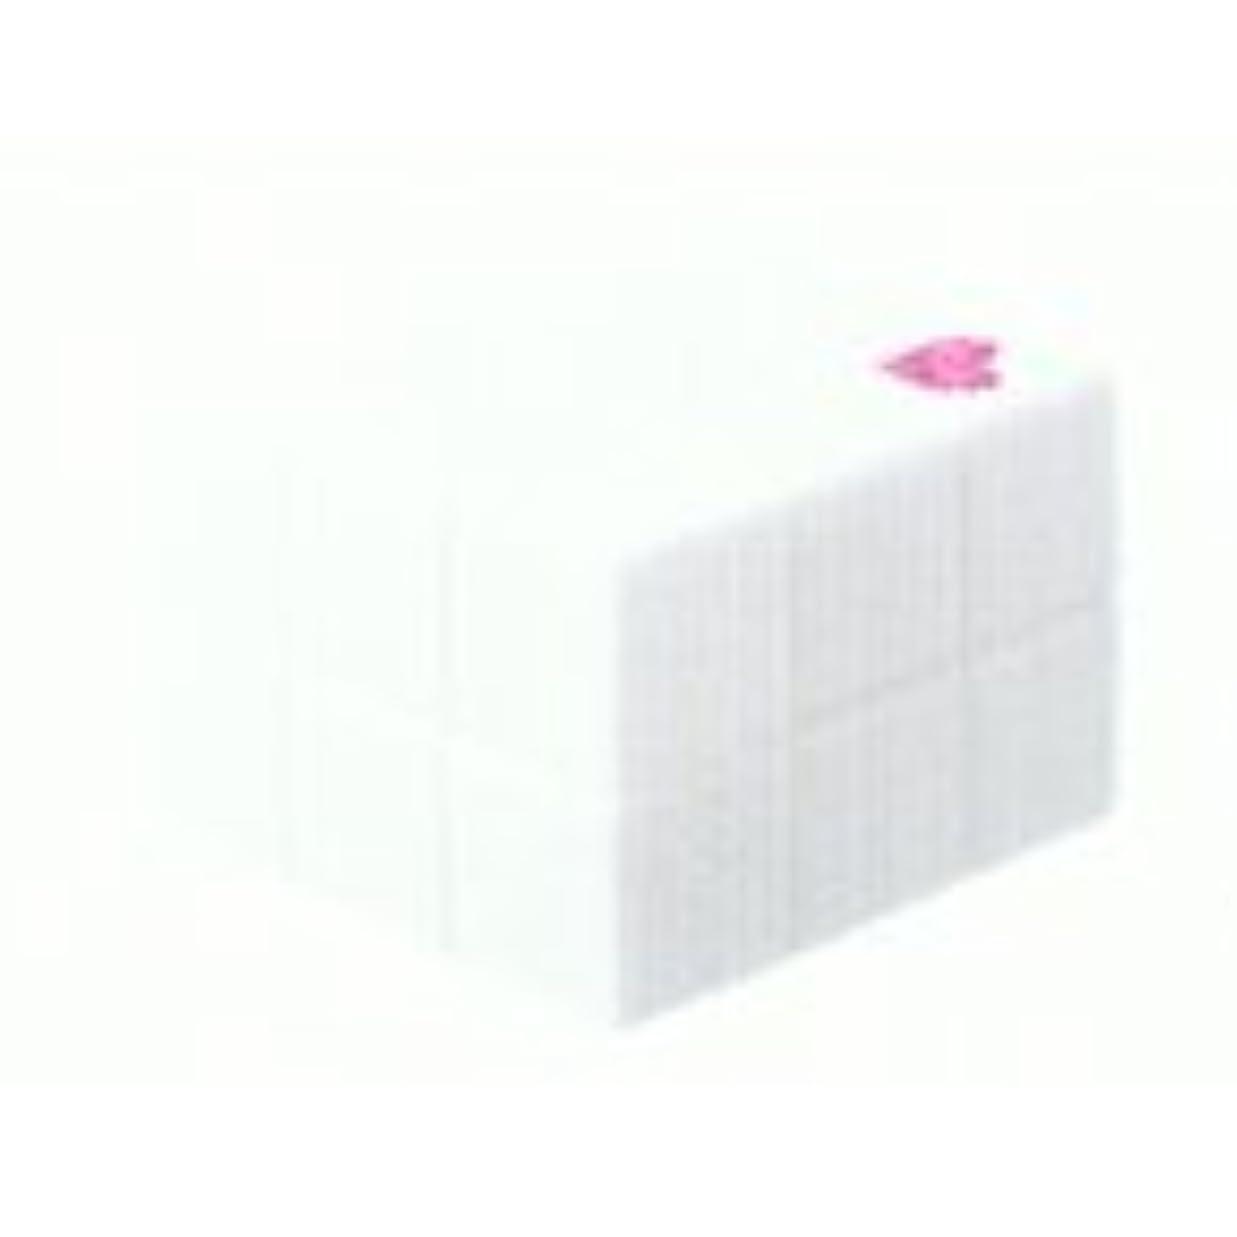 クラッチばかげた満員アリミノ ピース グロスワックス40g(ホワイト)